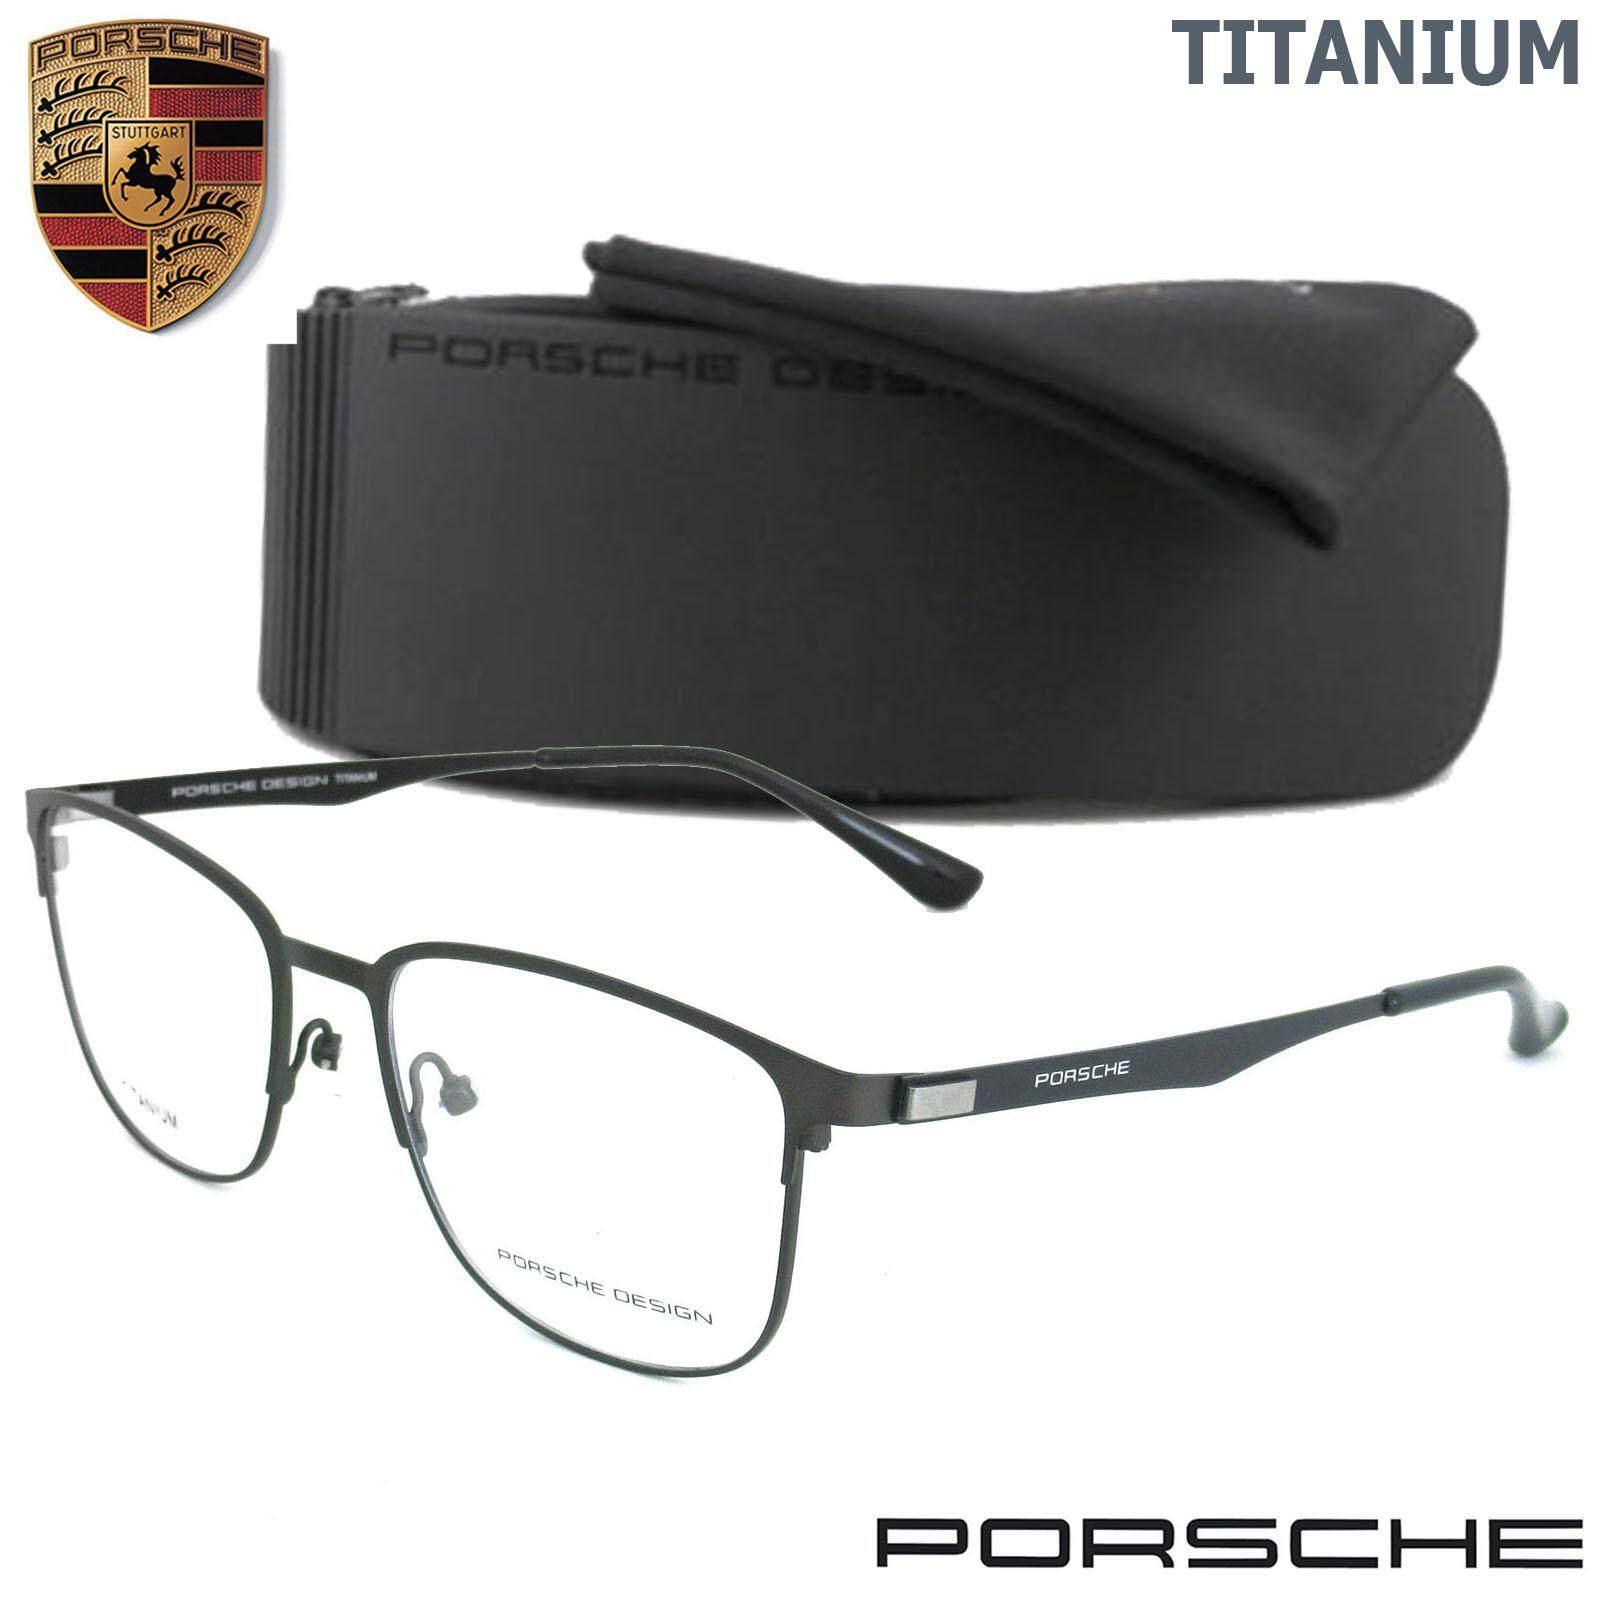 ซื้อ Porsche Design แว่นตา รุ่น P 9840 ทรงสปอร์ต วัสดุ Titanium ไทเทเนียม ขาข้อต่อ กรอบแว่นตา ใหม่